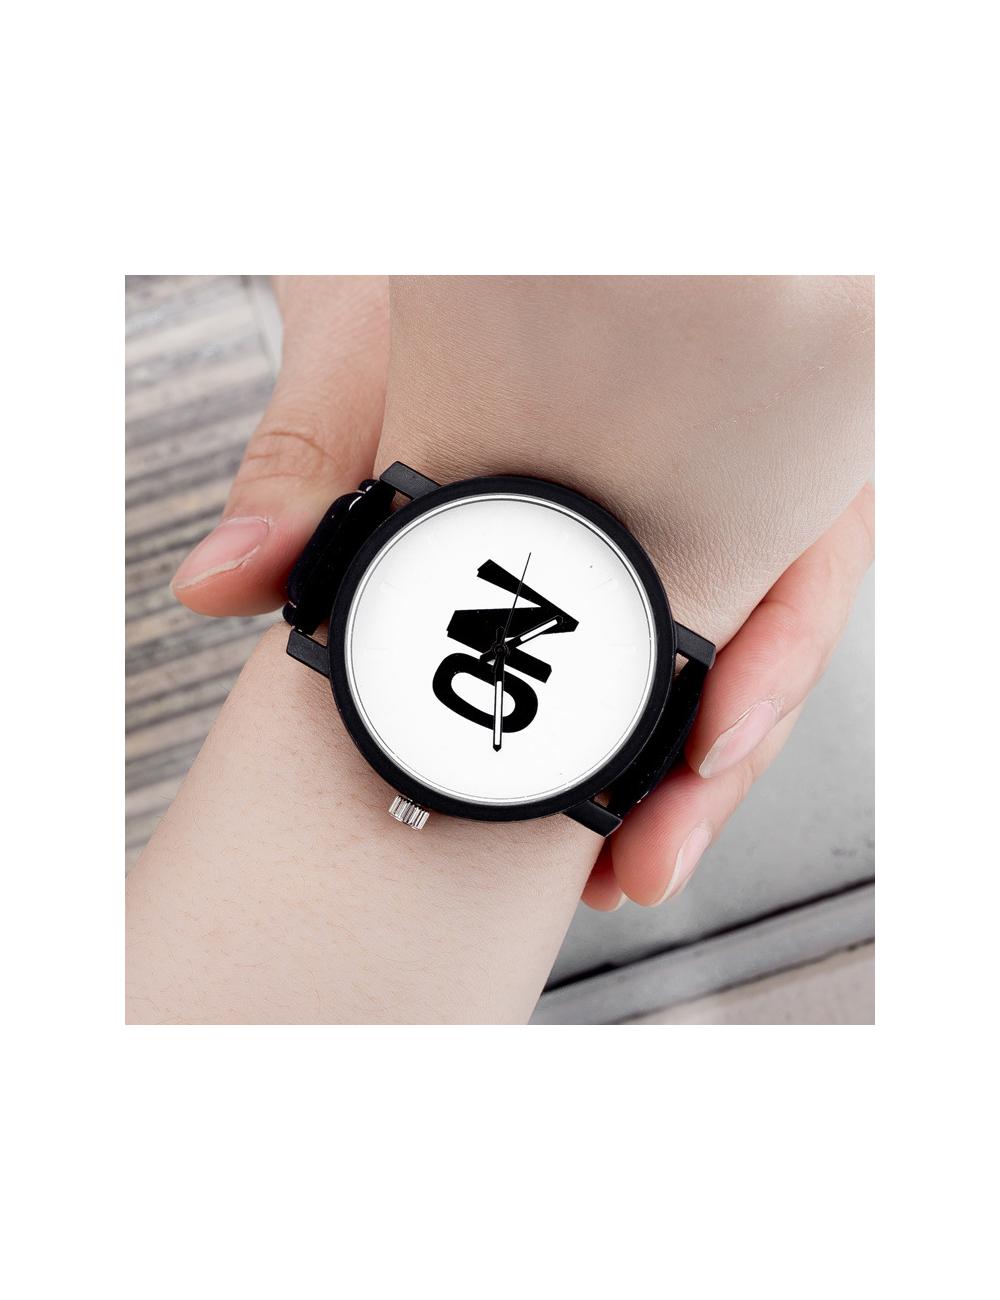 Reloj No Dayoshop 33,900.00